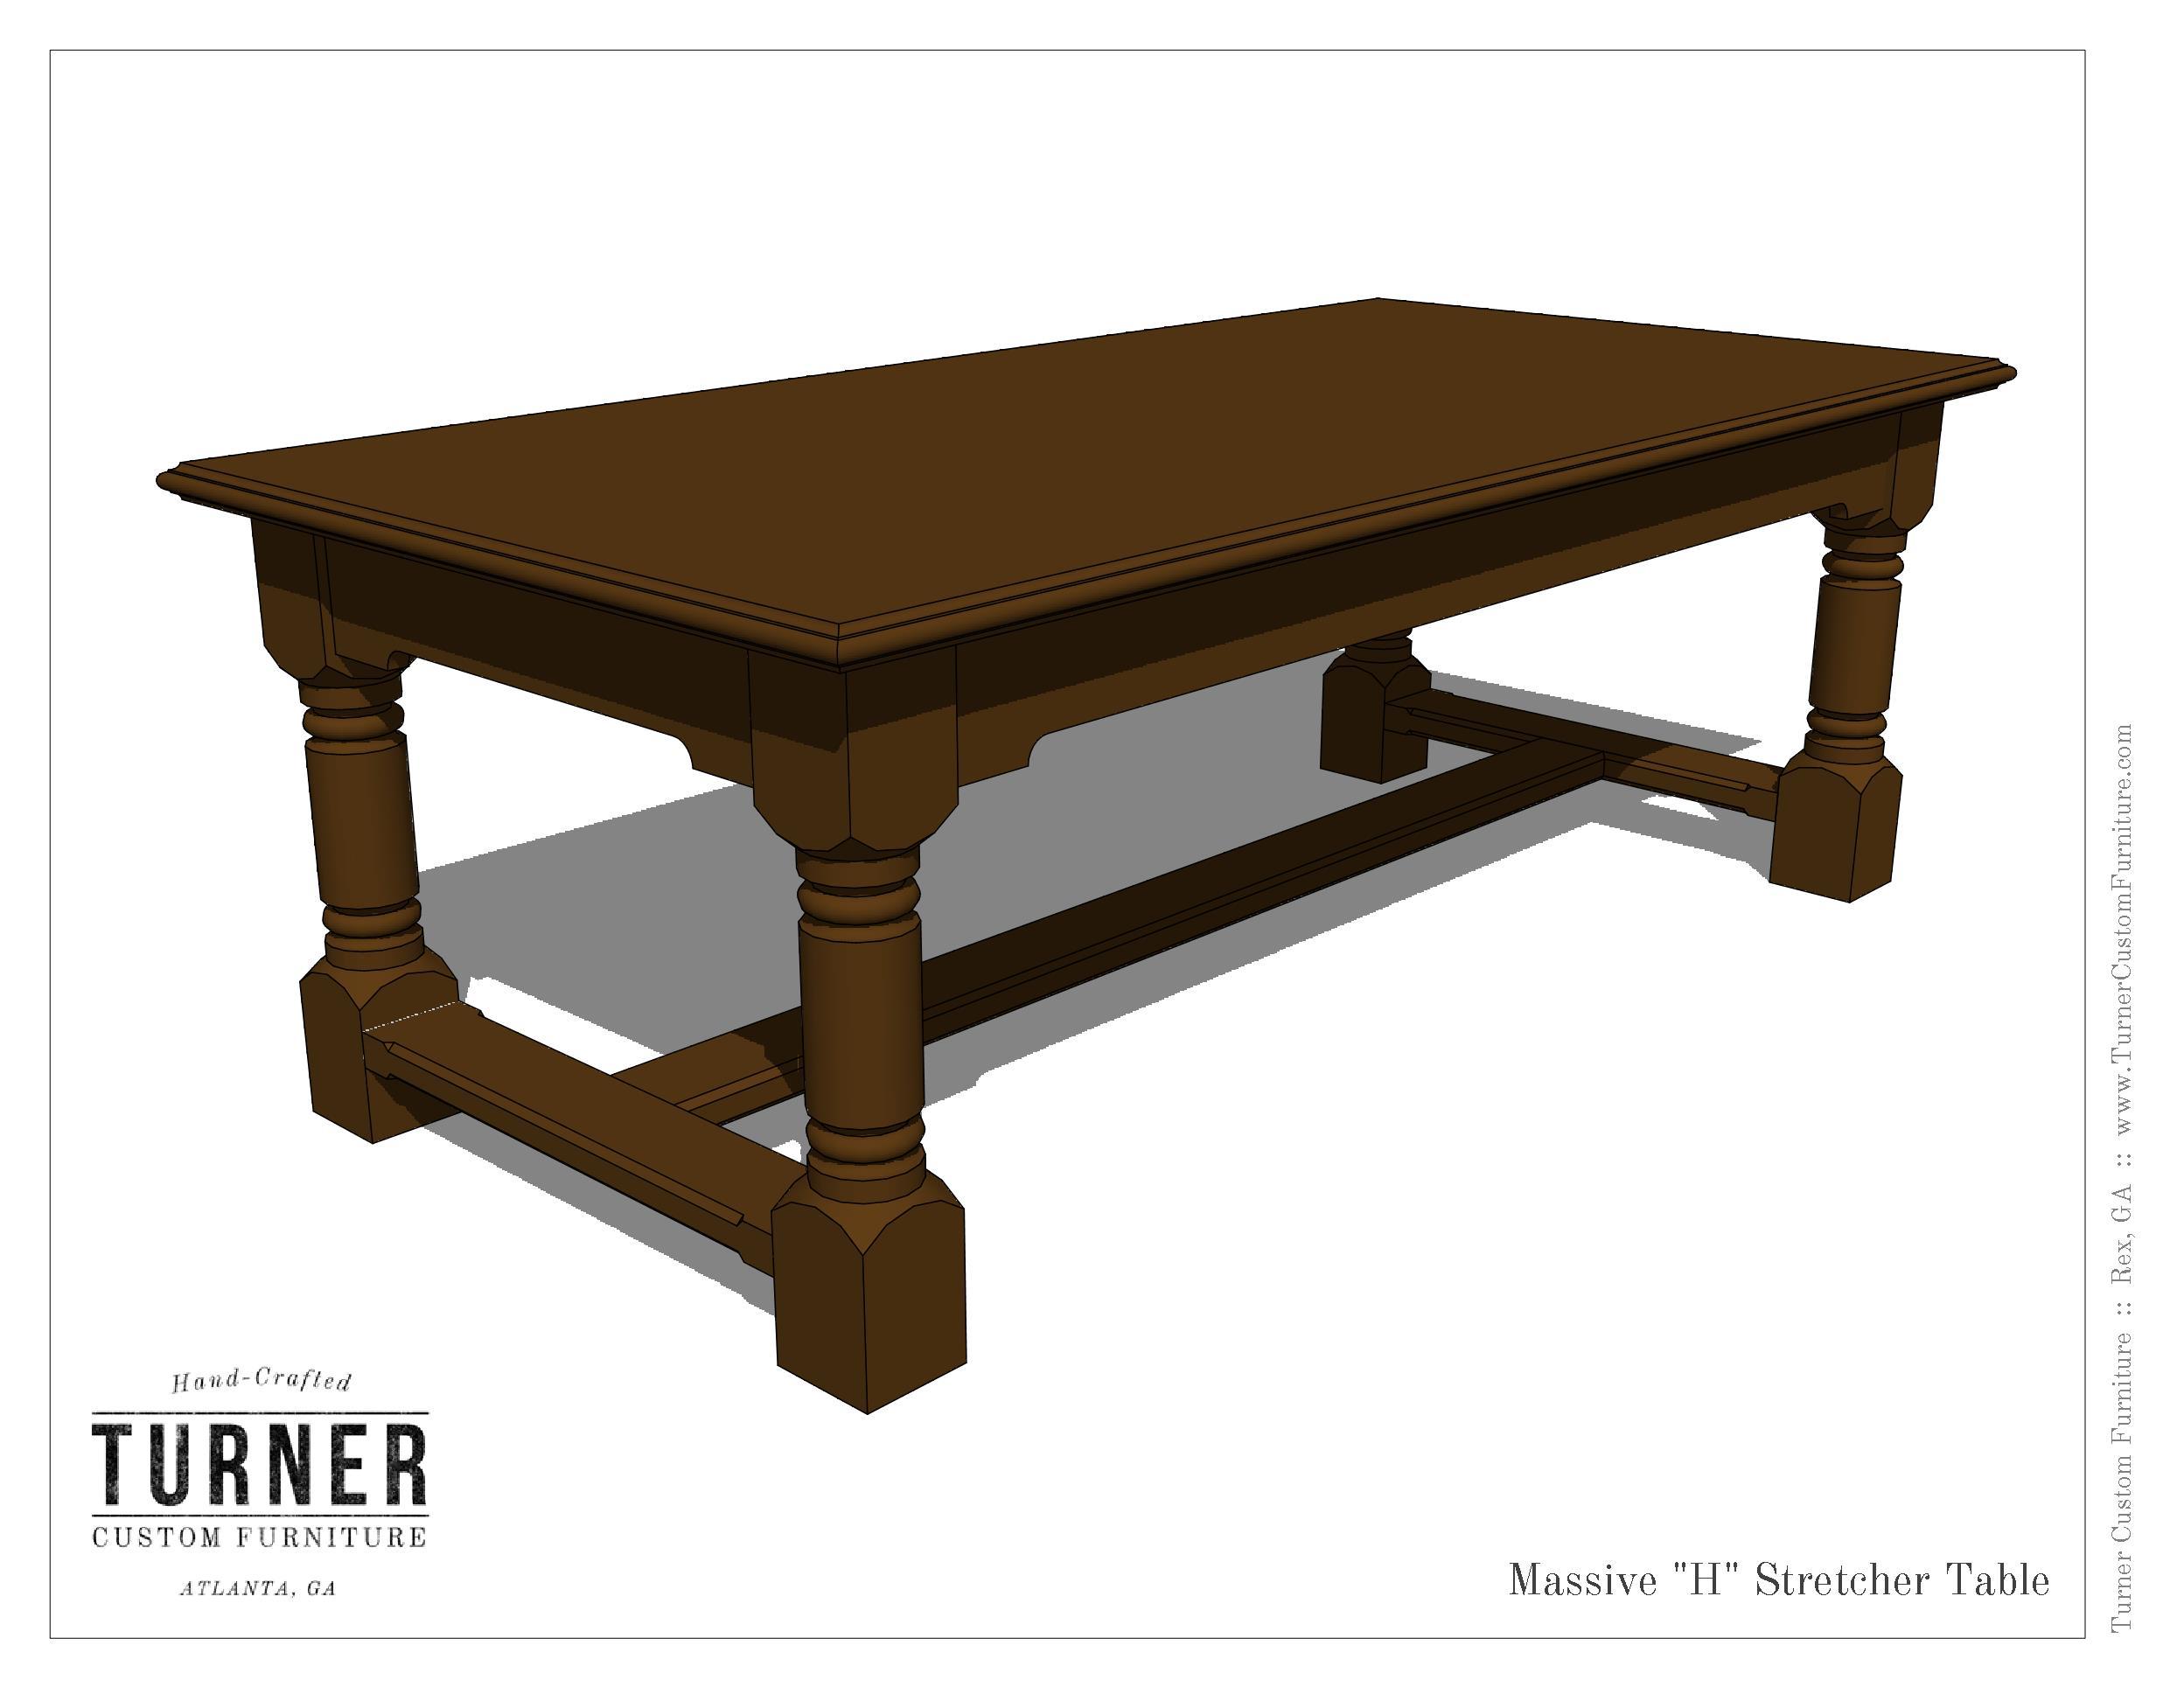 Table Builder_08.jpg